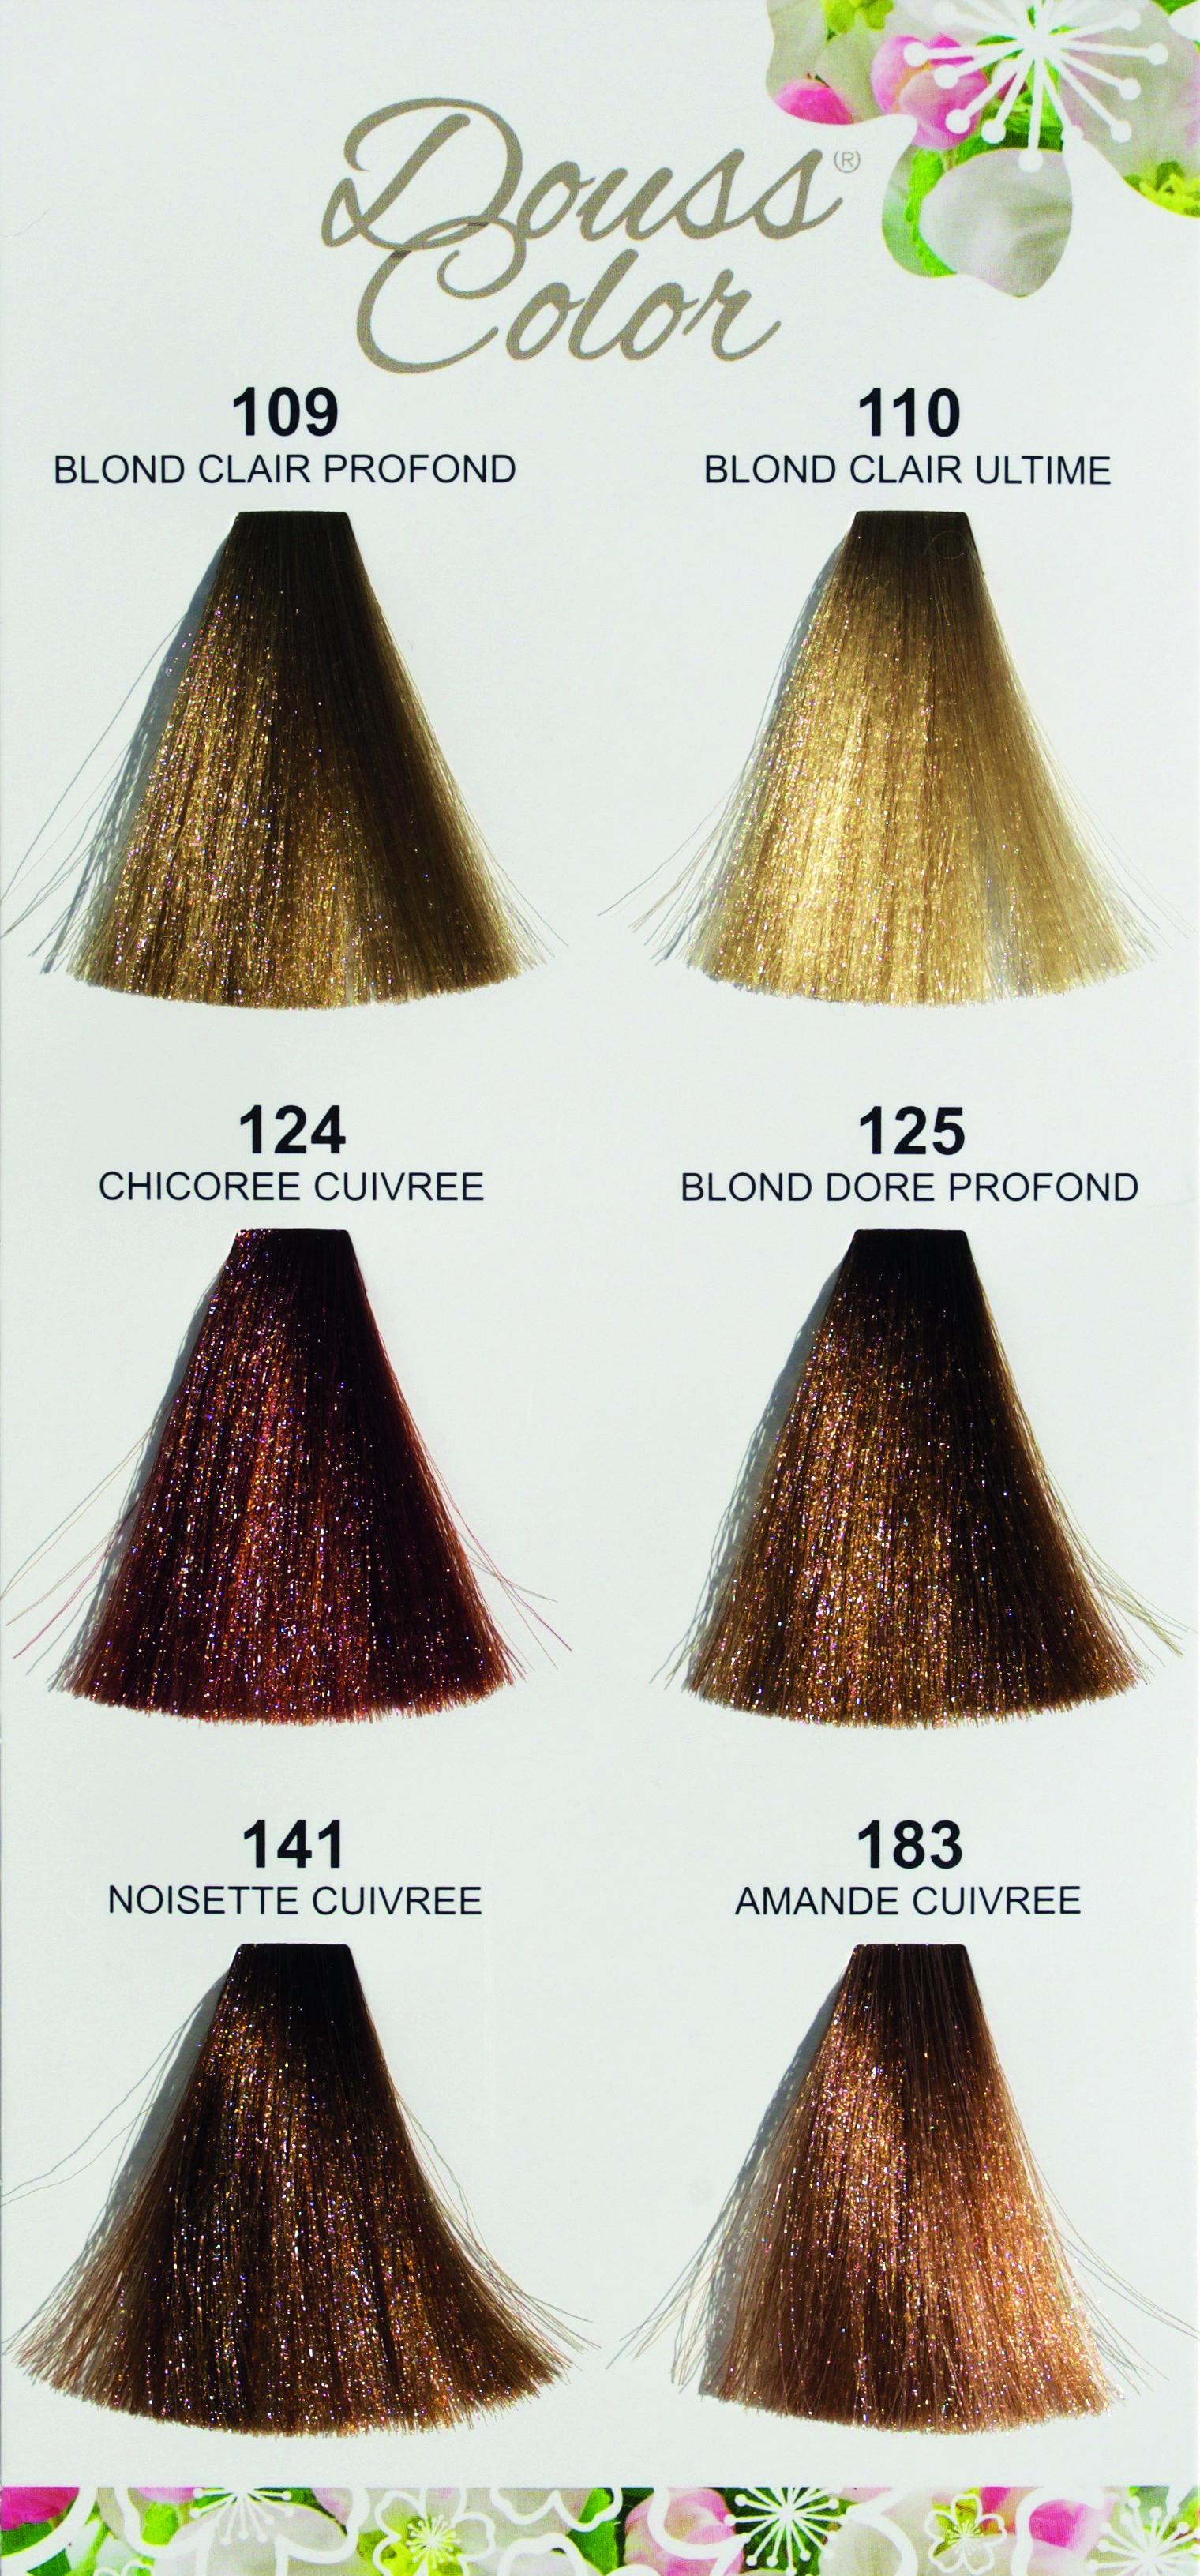 Dousscolor 106 Blond Naturel Coloration Douce Beliflor